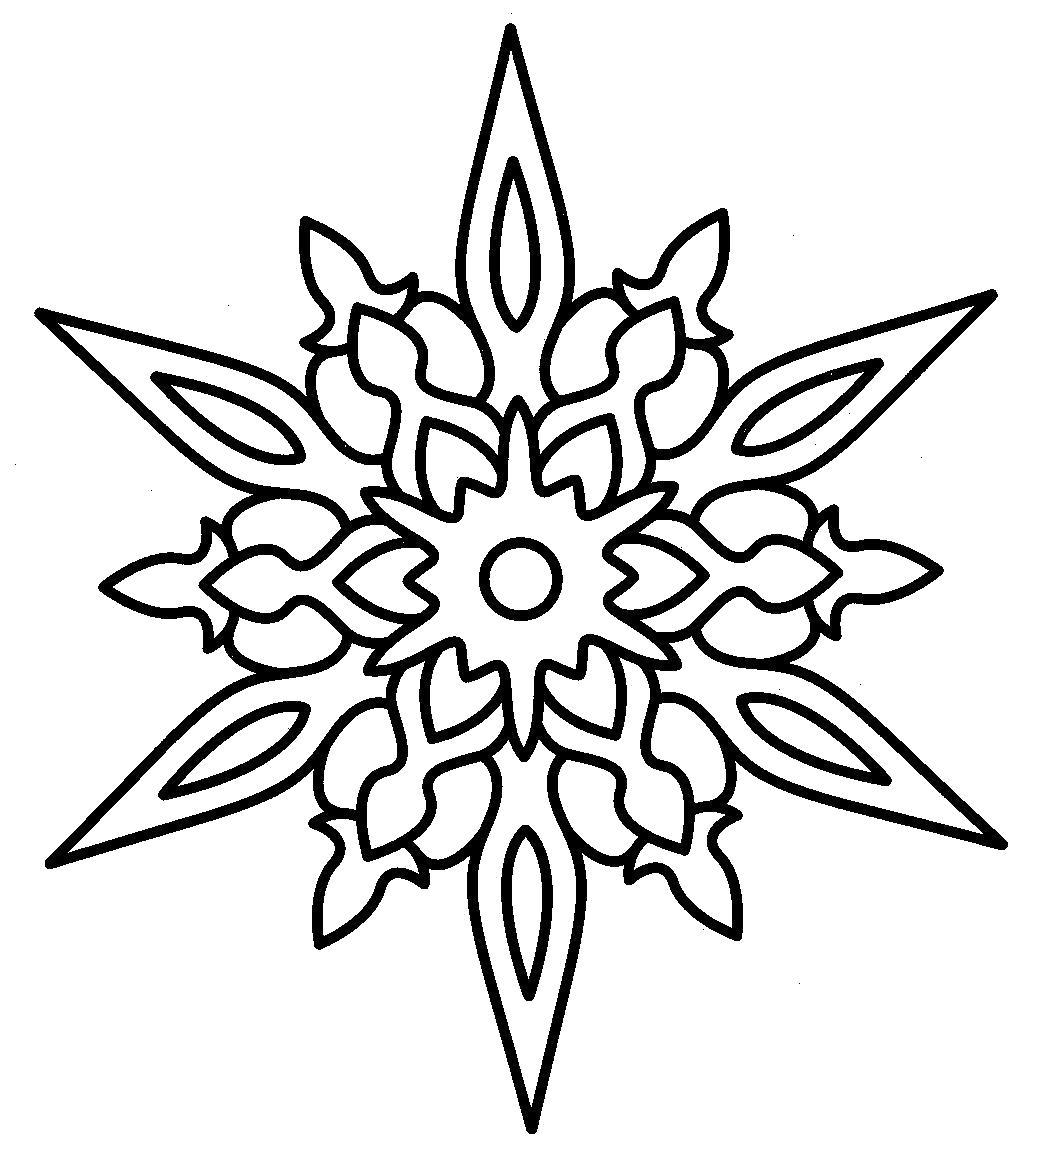 Раскраска  снежинка контур для вырезания снежинки в готическом стиле. Скачать Снежинки.  Распечатать Новый год